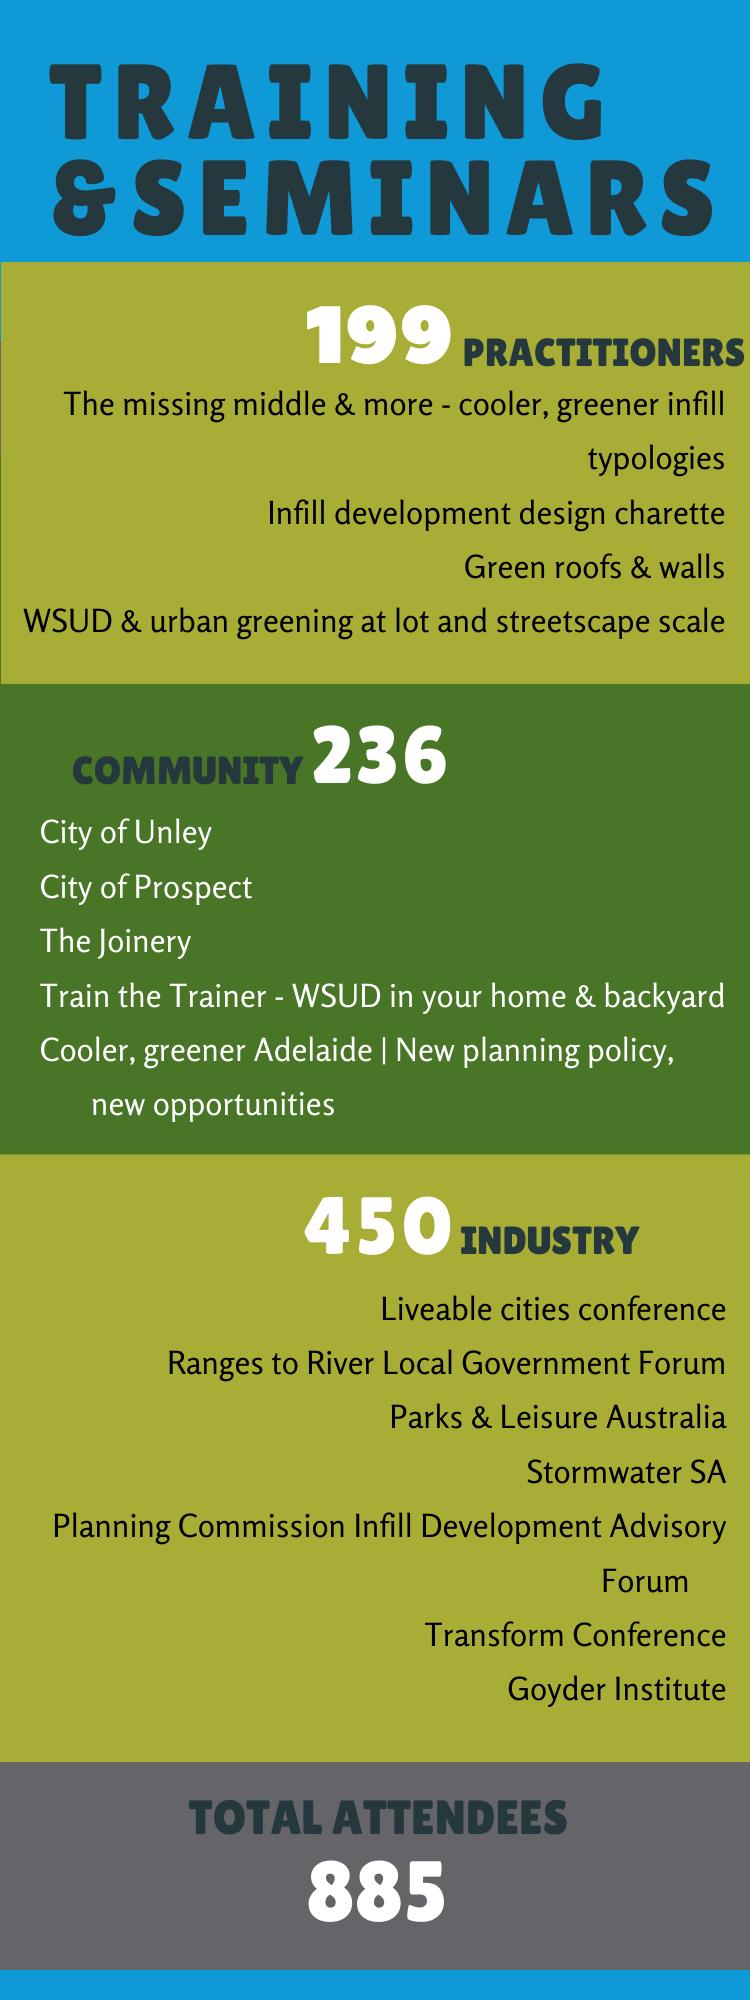 Water Sensitive SA - Training & seminars during 2019-20